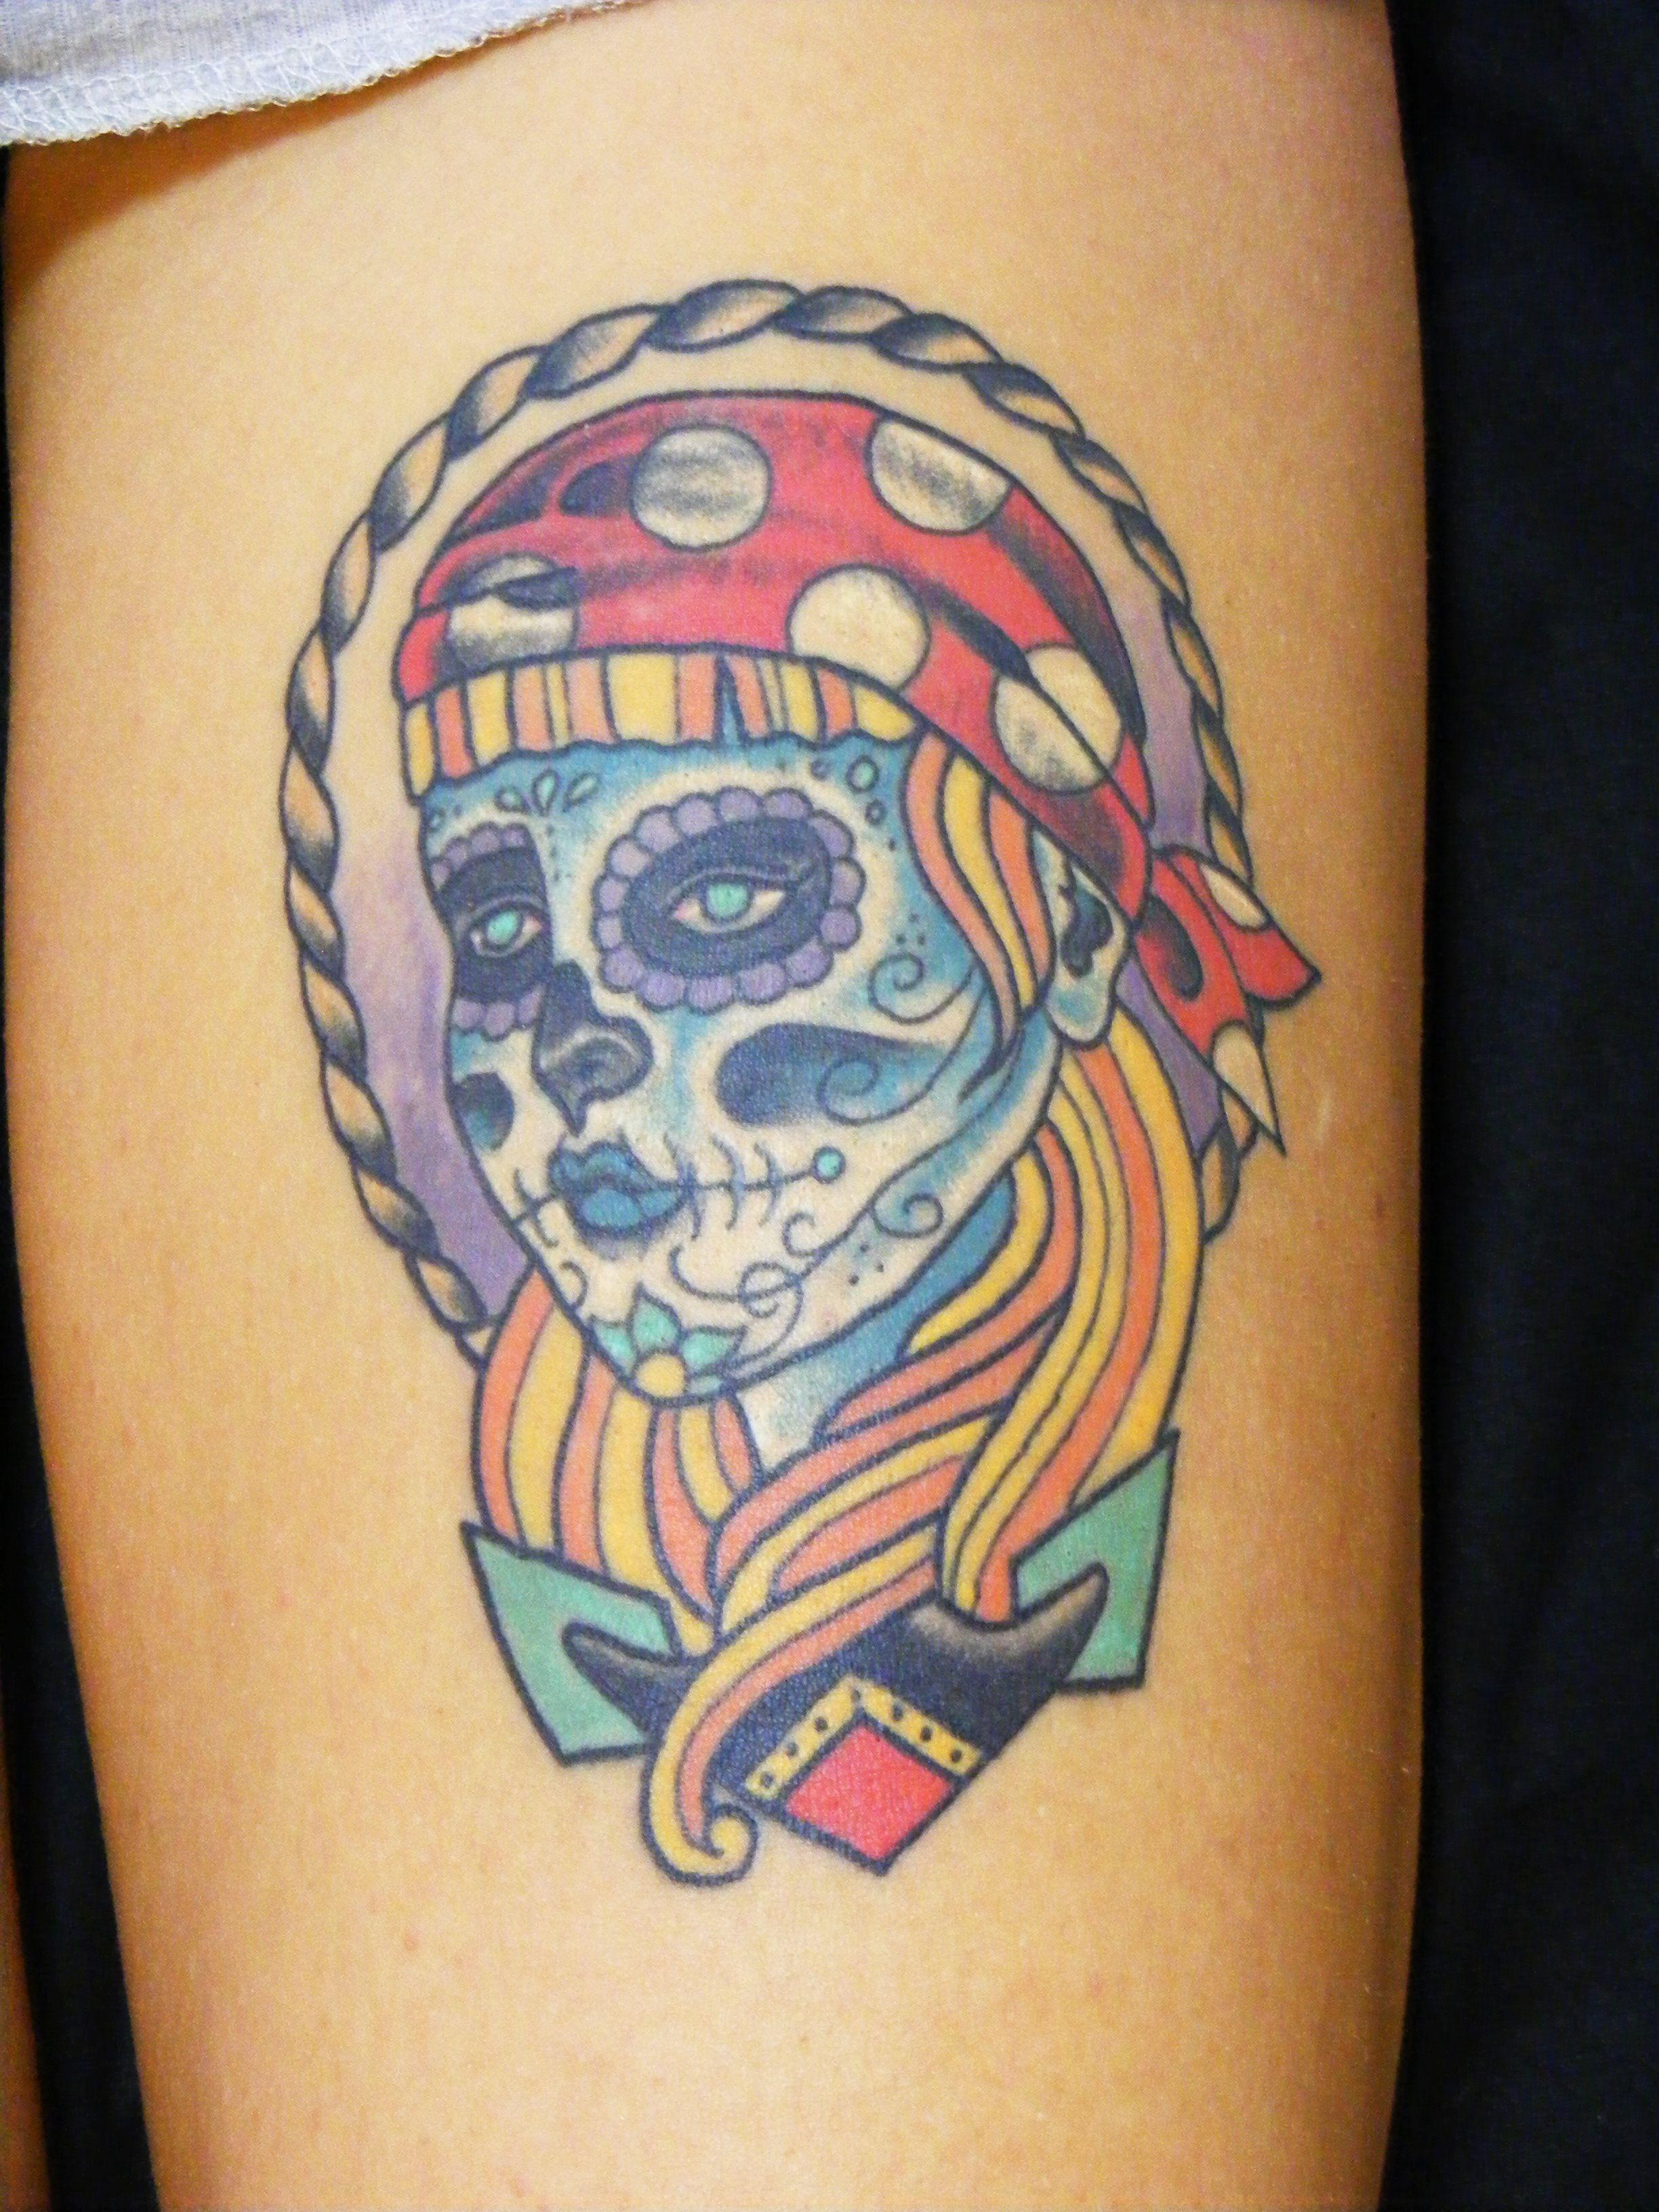 Tattoo old school tatuaggi old school pin up significato e foto quotes - Piratessa Tradizionale Su Coscia Old School Pirate Woman Head On Thigh Tattoo Taditionaltattoo